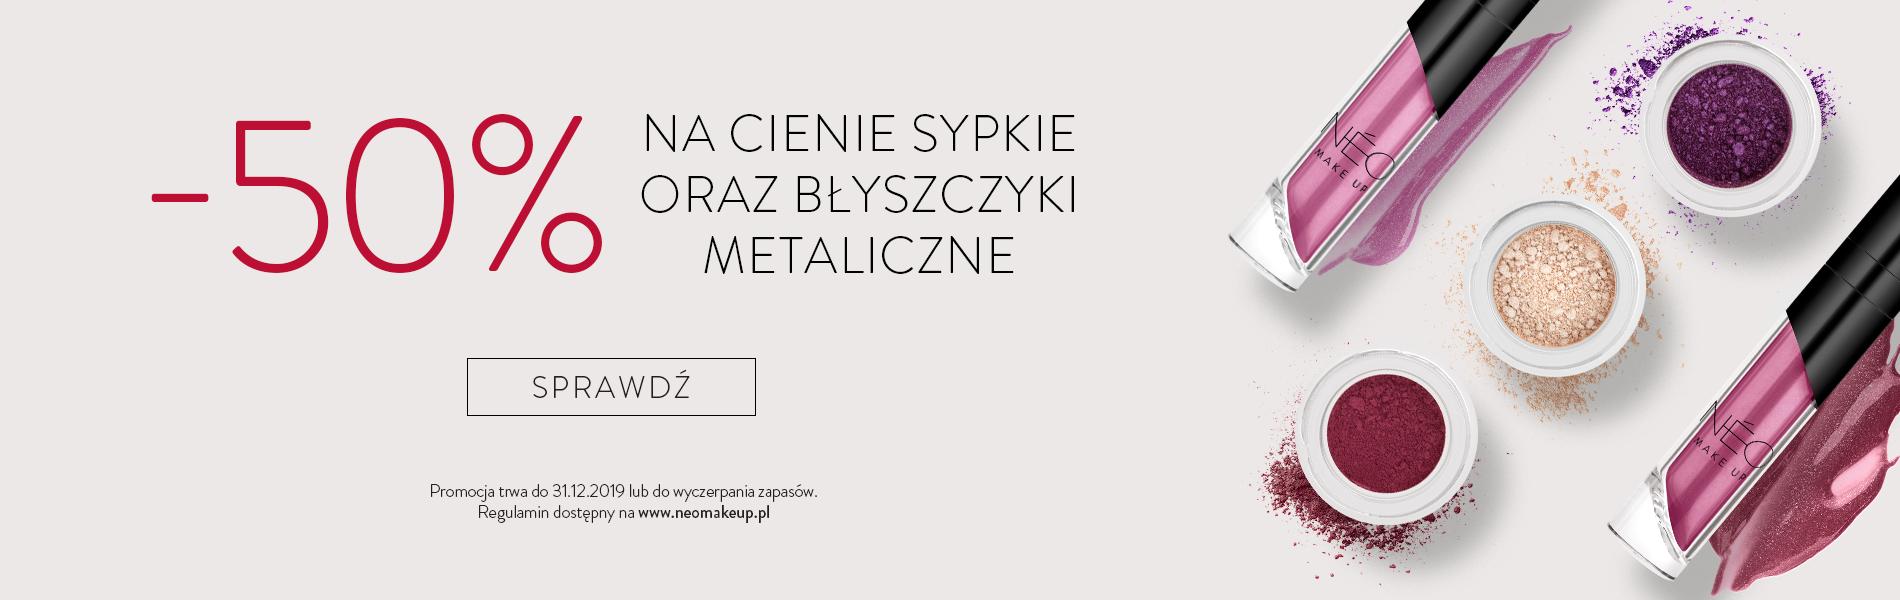 Promocja -50% na cienie sypkie i błyszczyk metaliczny